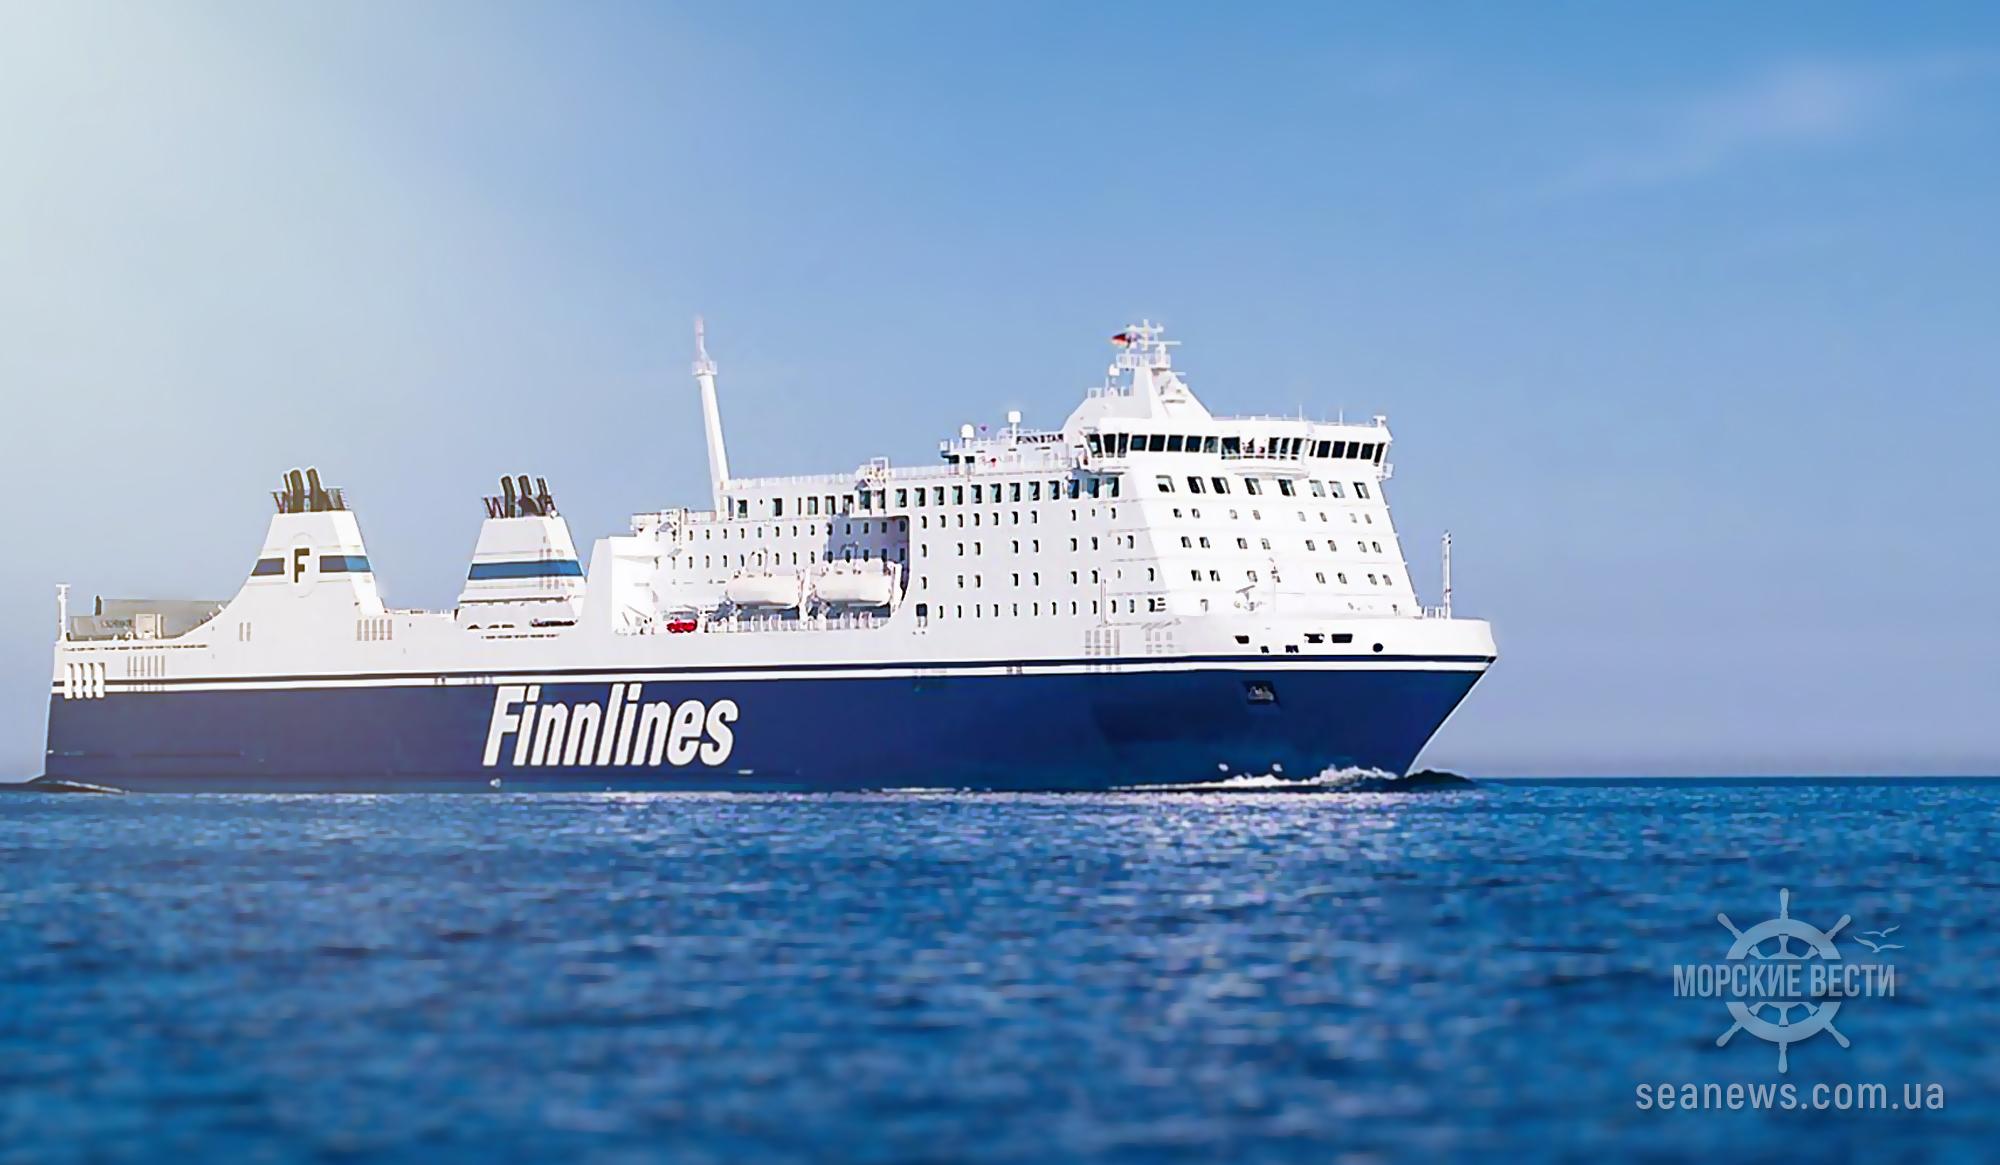 Финляндия планирует возобновлять паромное сообщение со странами ЕС